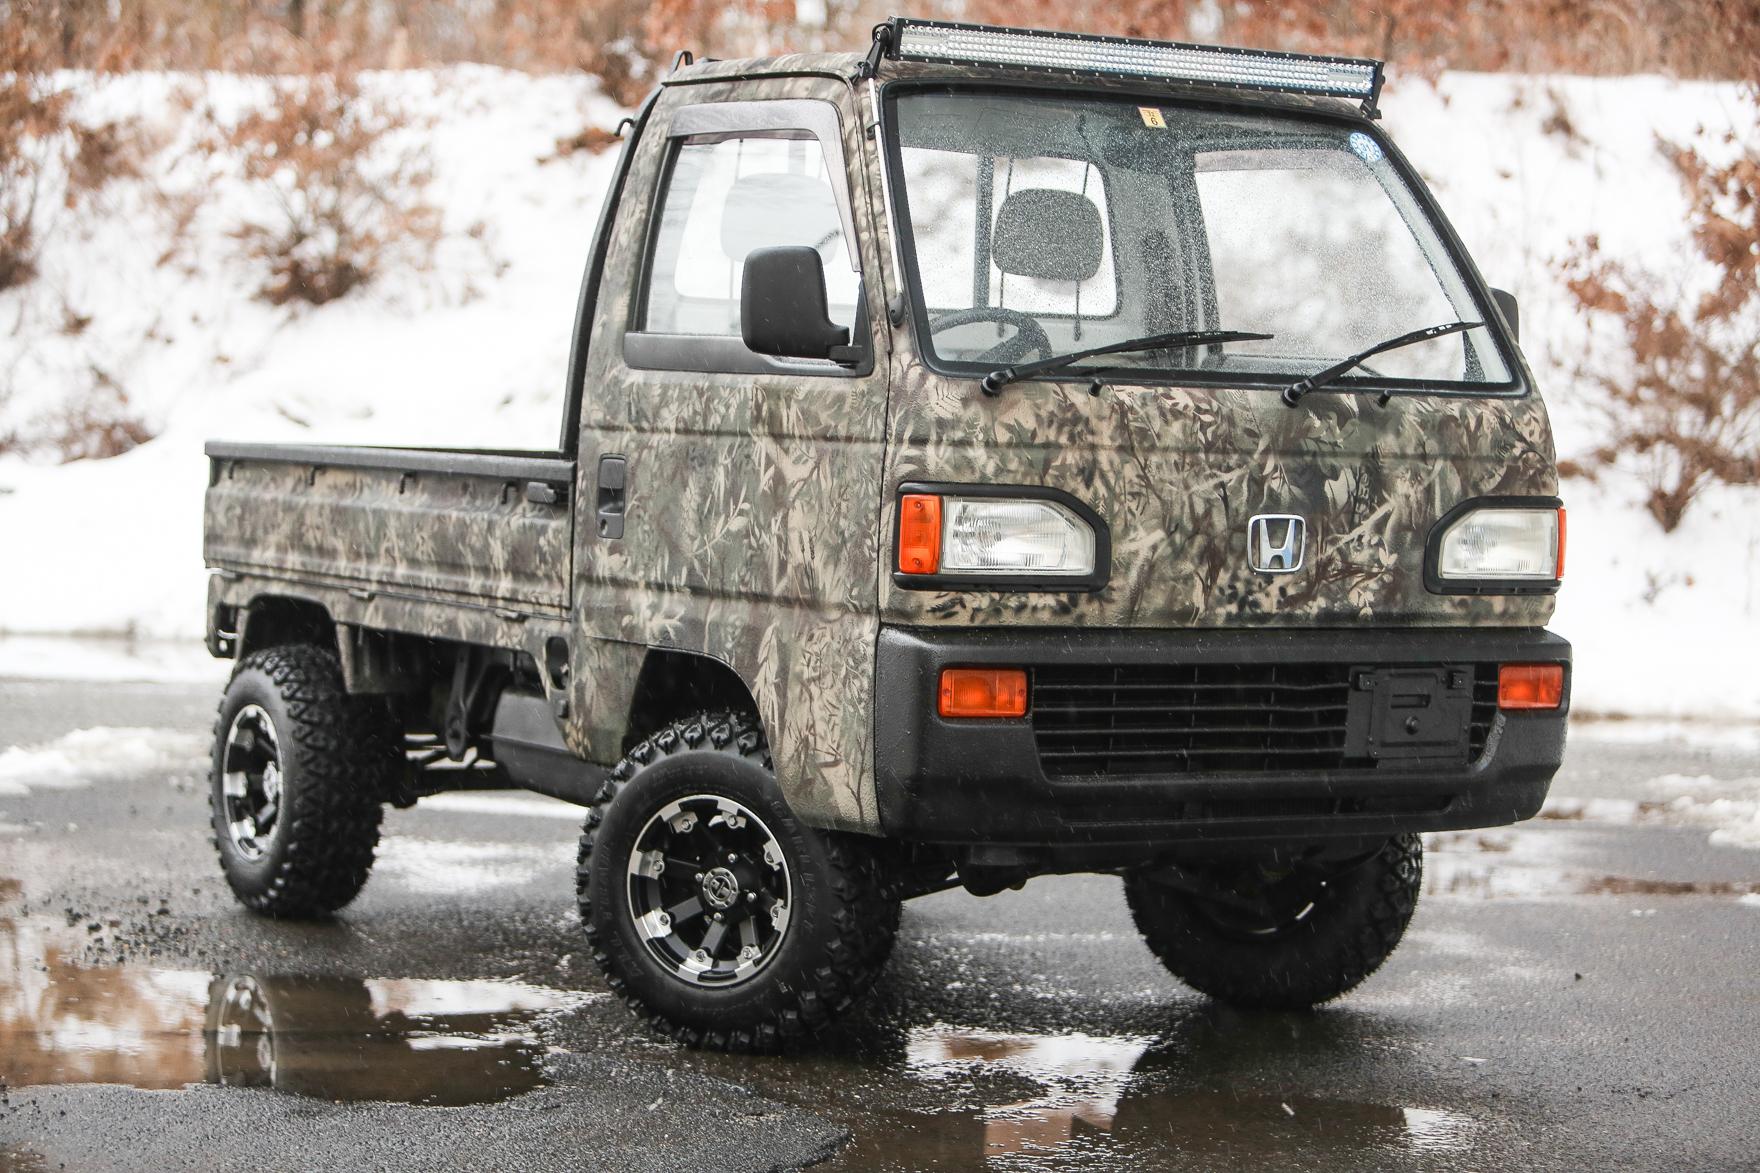 1992 Honda ACTY ATTACK - $6,750